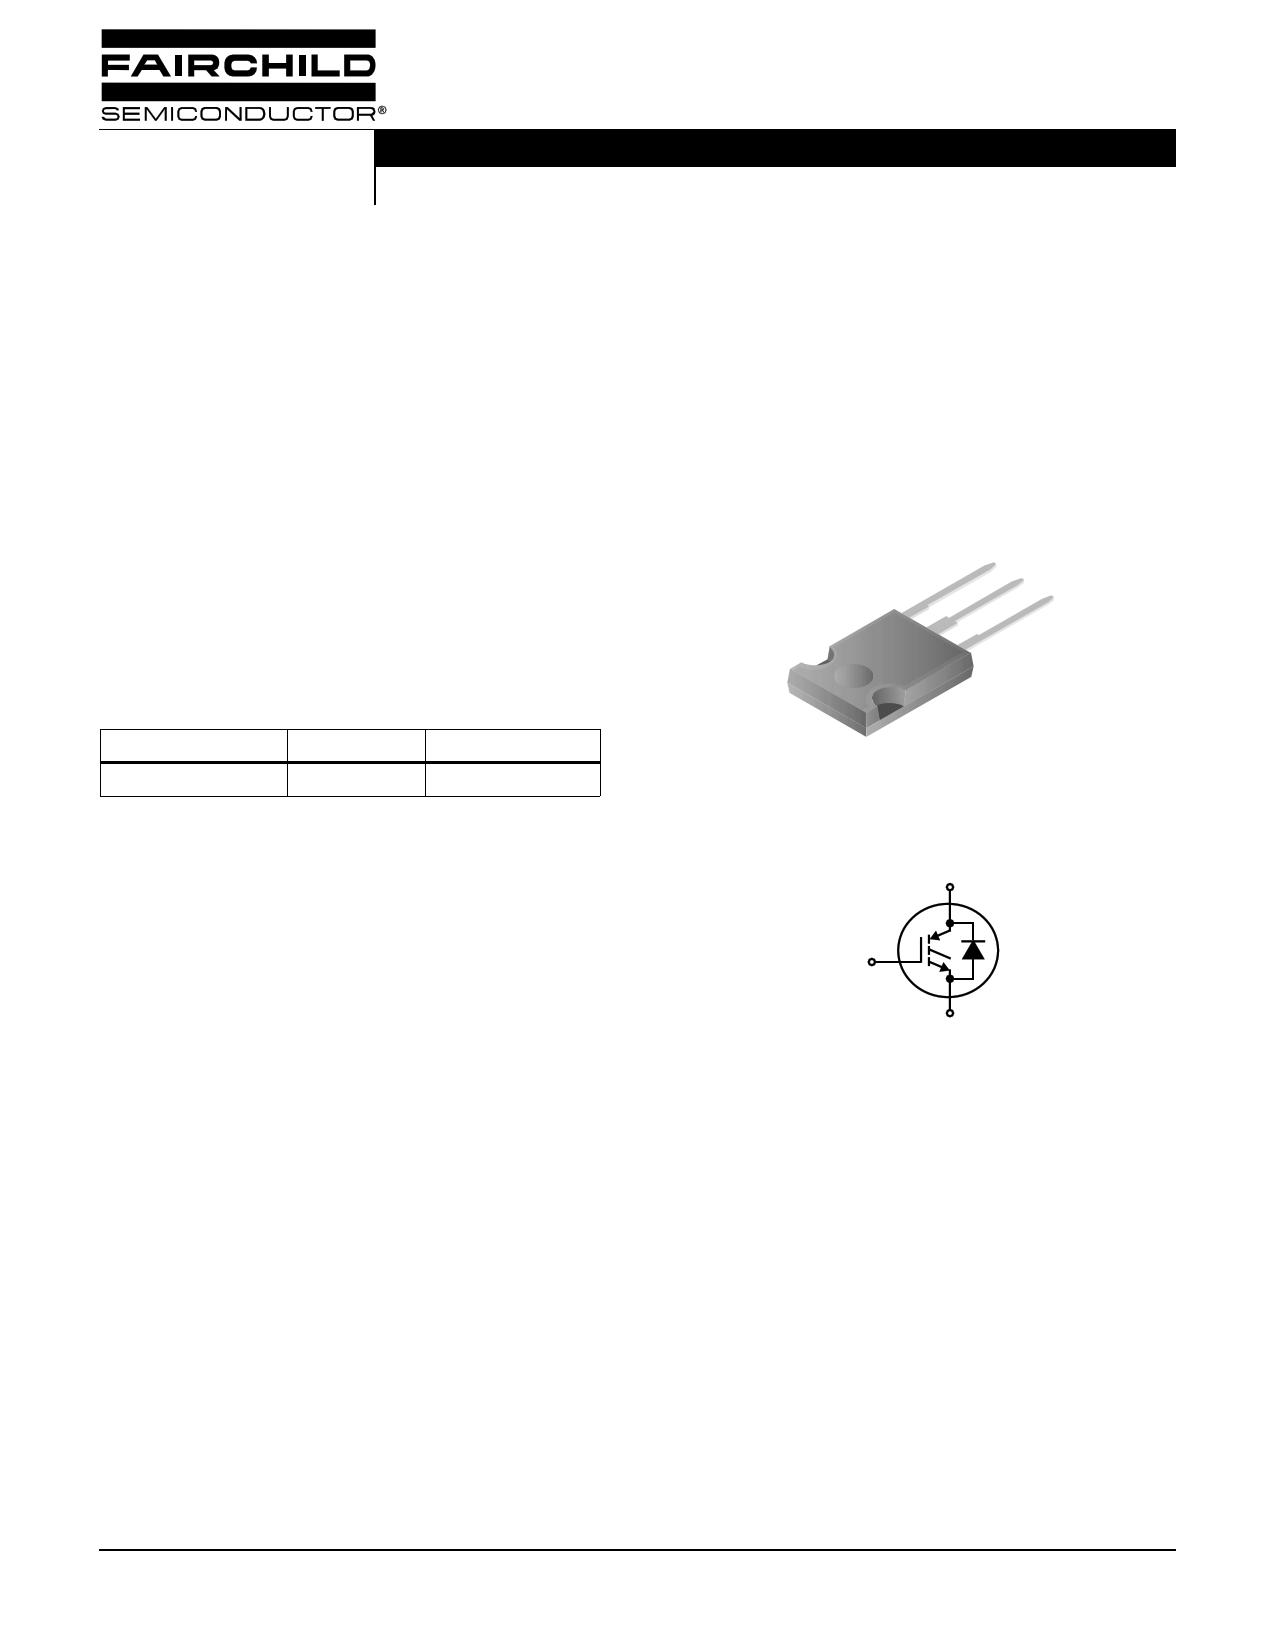 10N120BND image